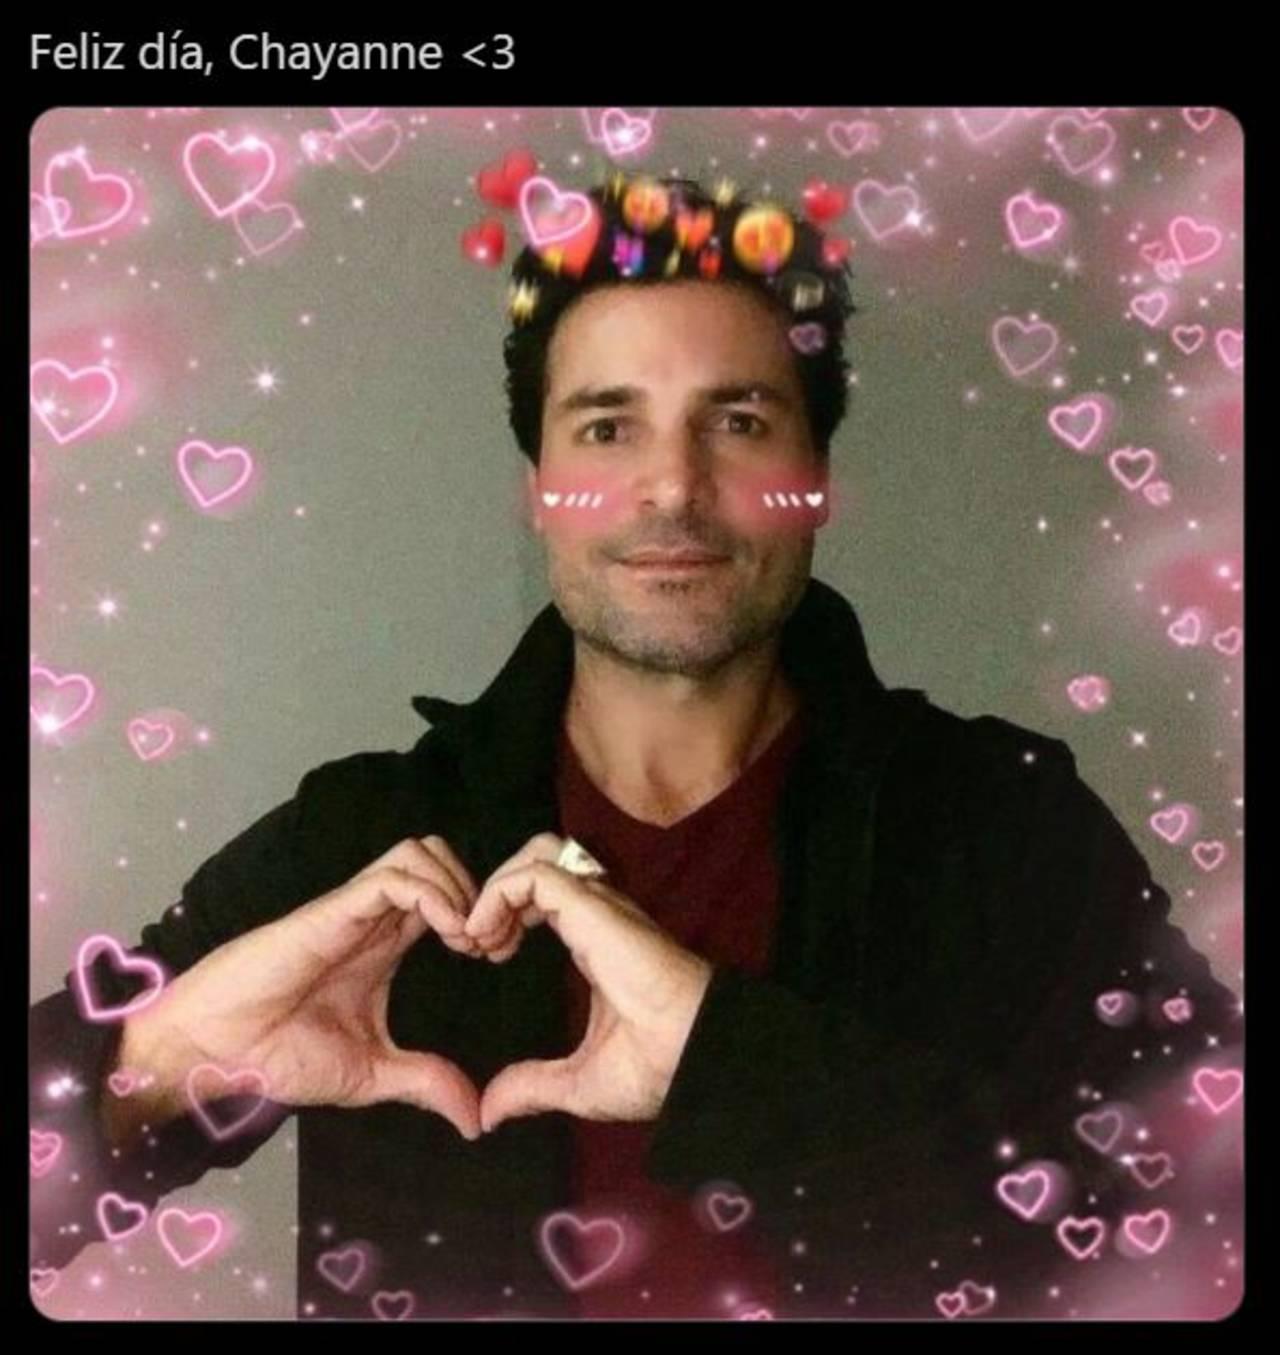 Día del Padre memes Chayanne